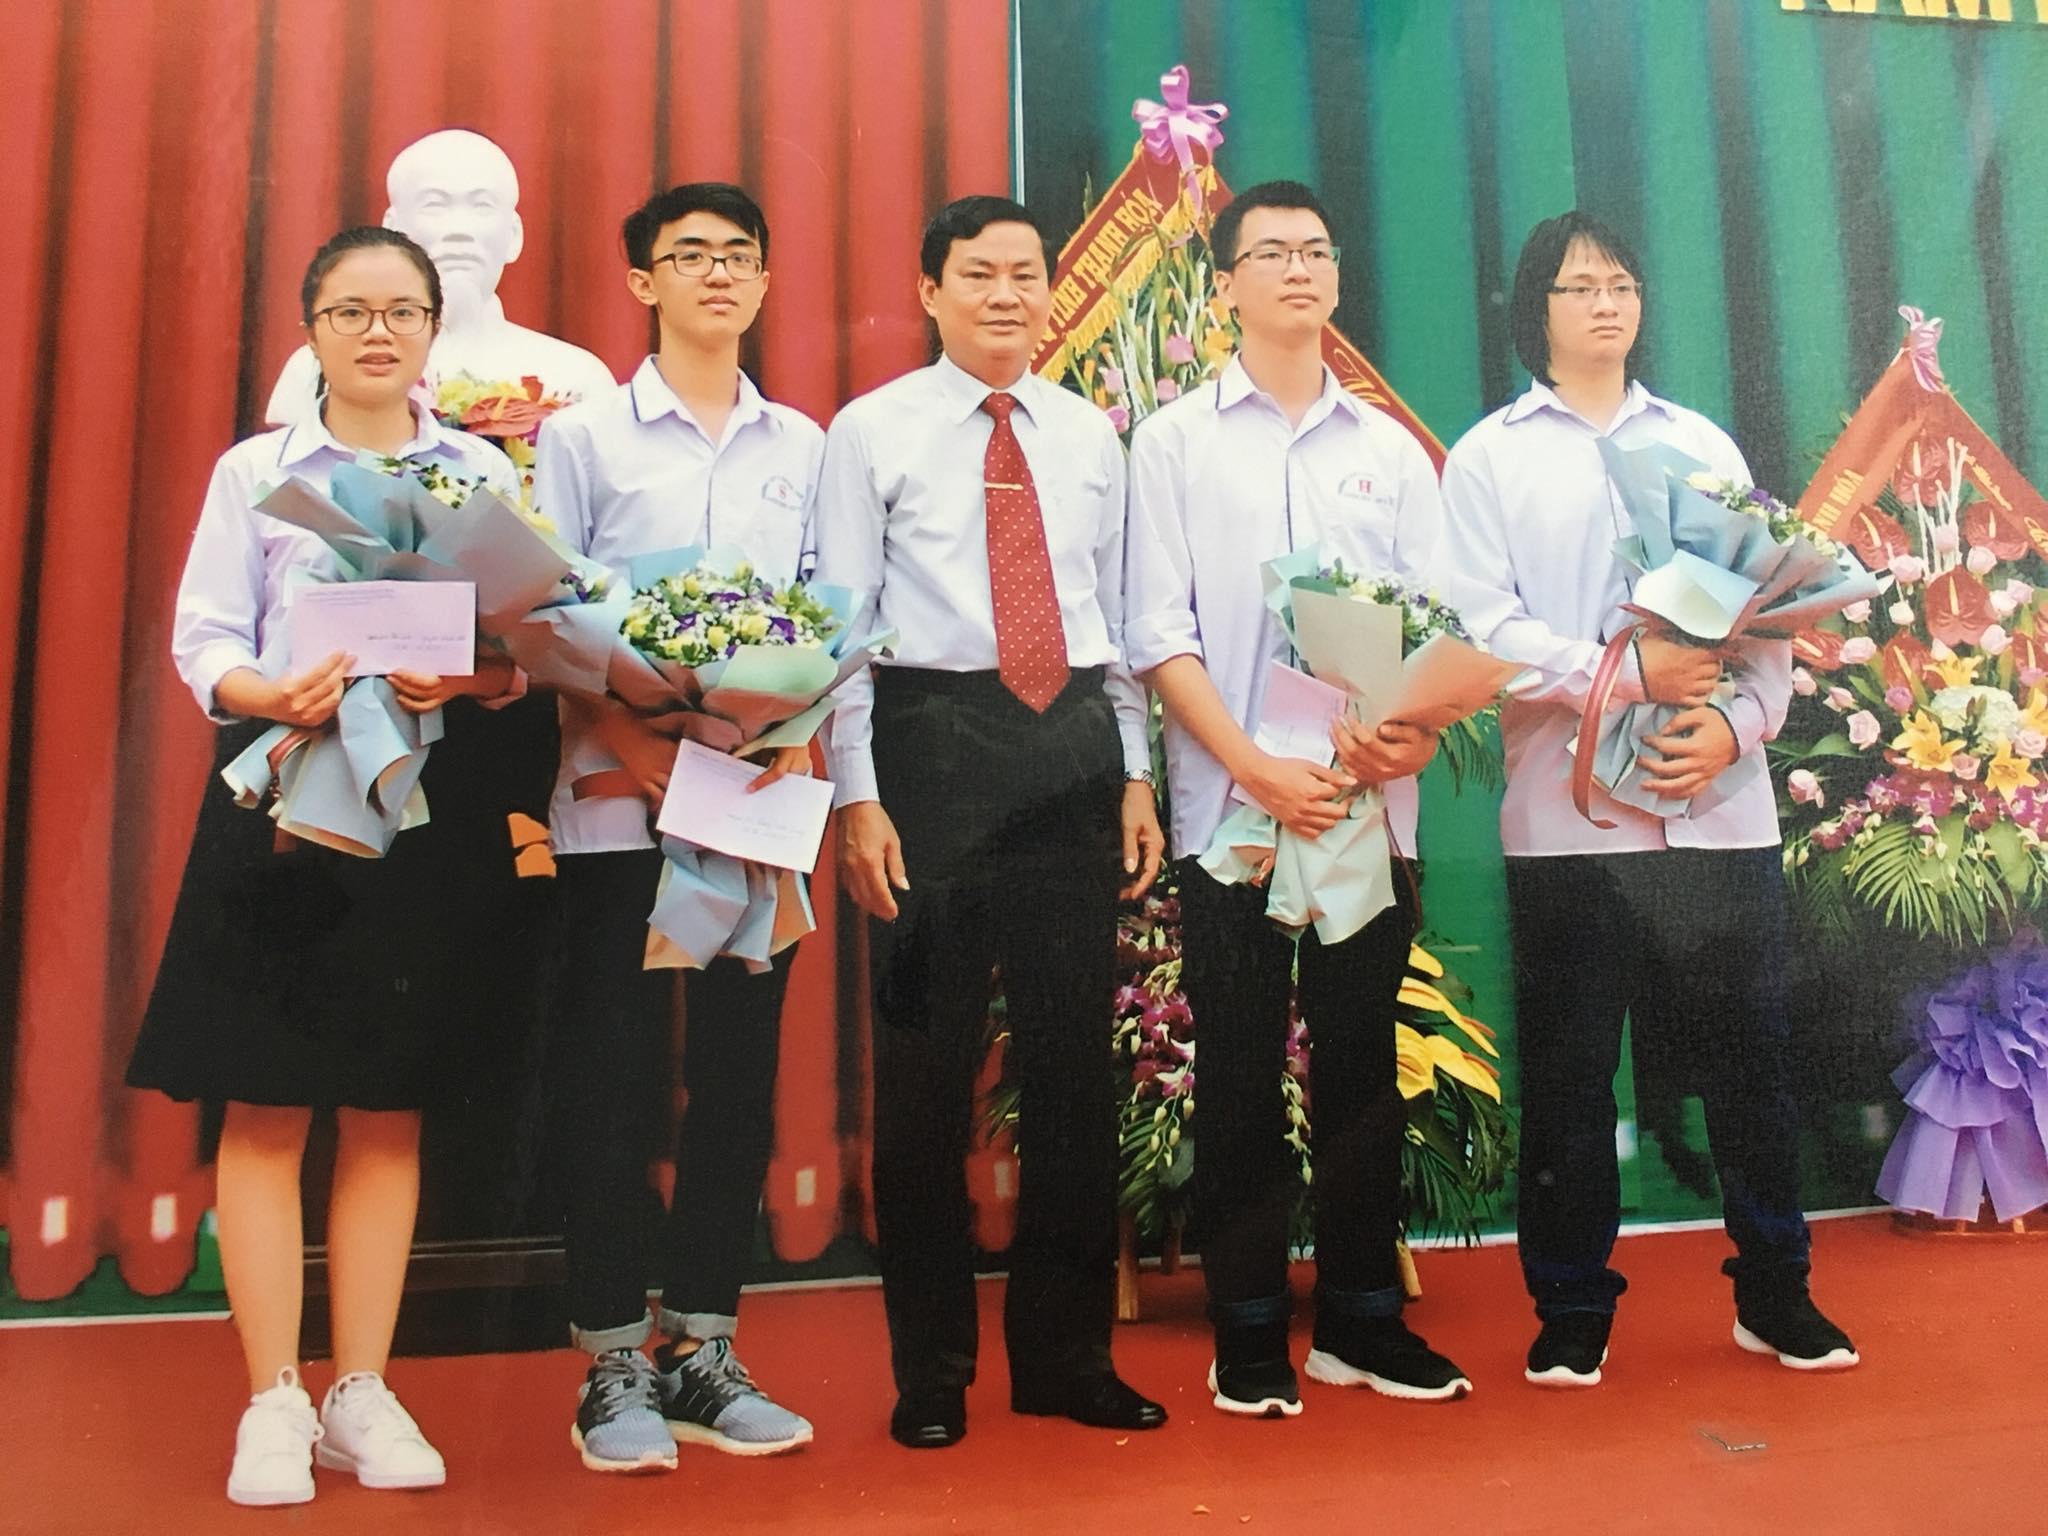 Thầy Tuấn tuyên dương học sinh đoạt huy hương vàng quốc tế năm 2019.